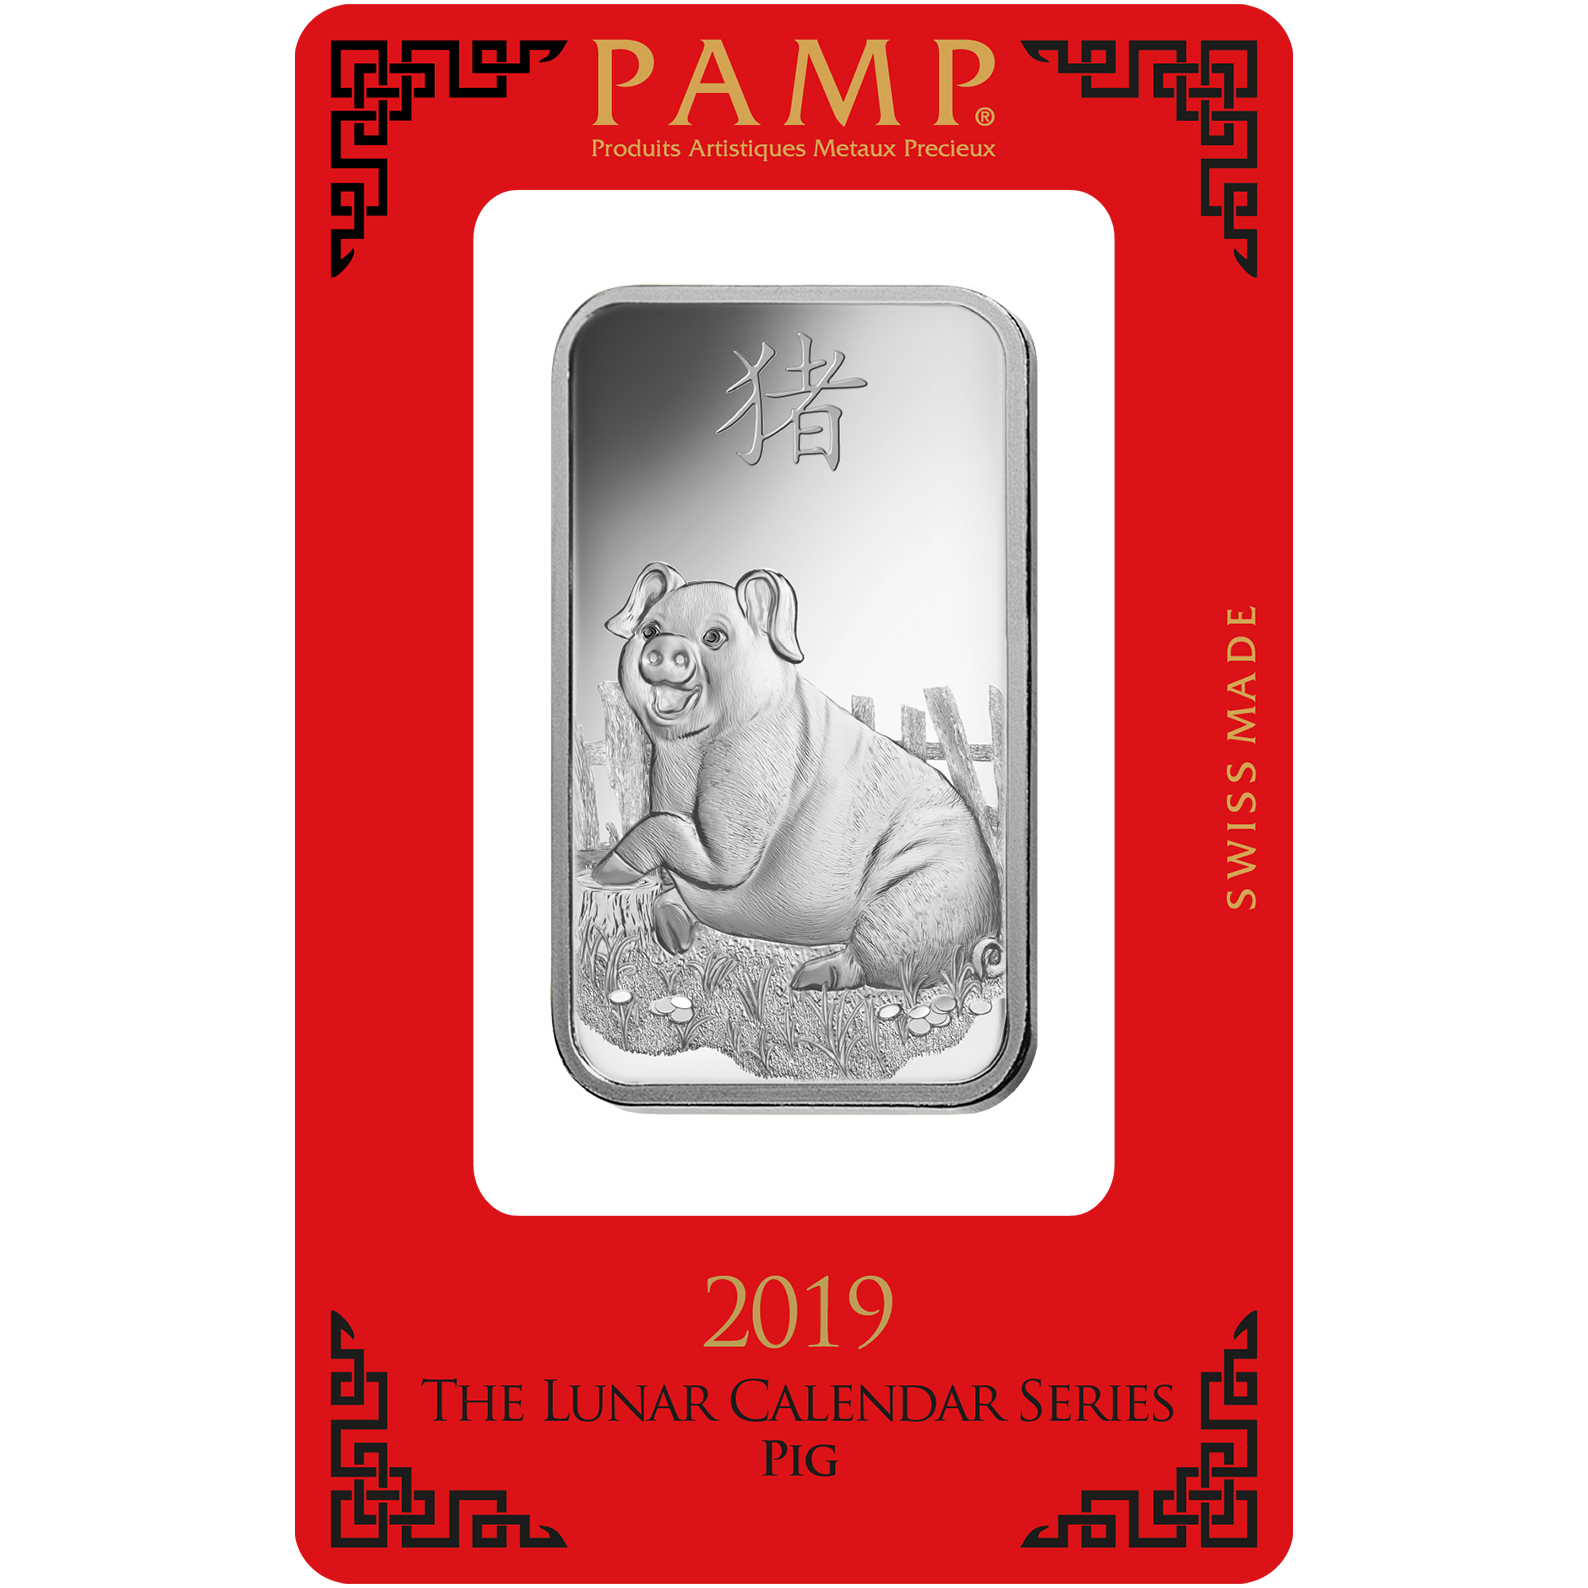 1 oz Silver Bar - PAMP Suisse Lunar Pig